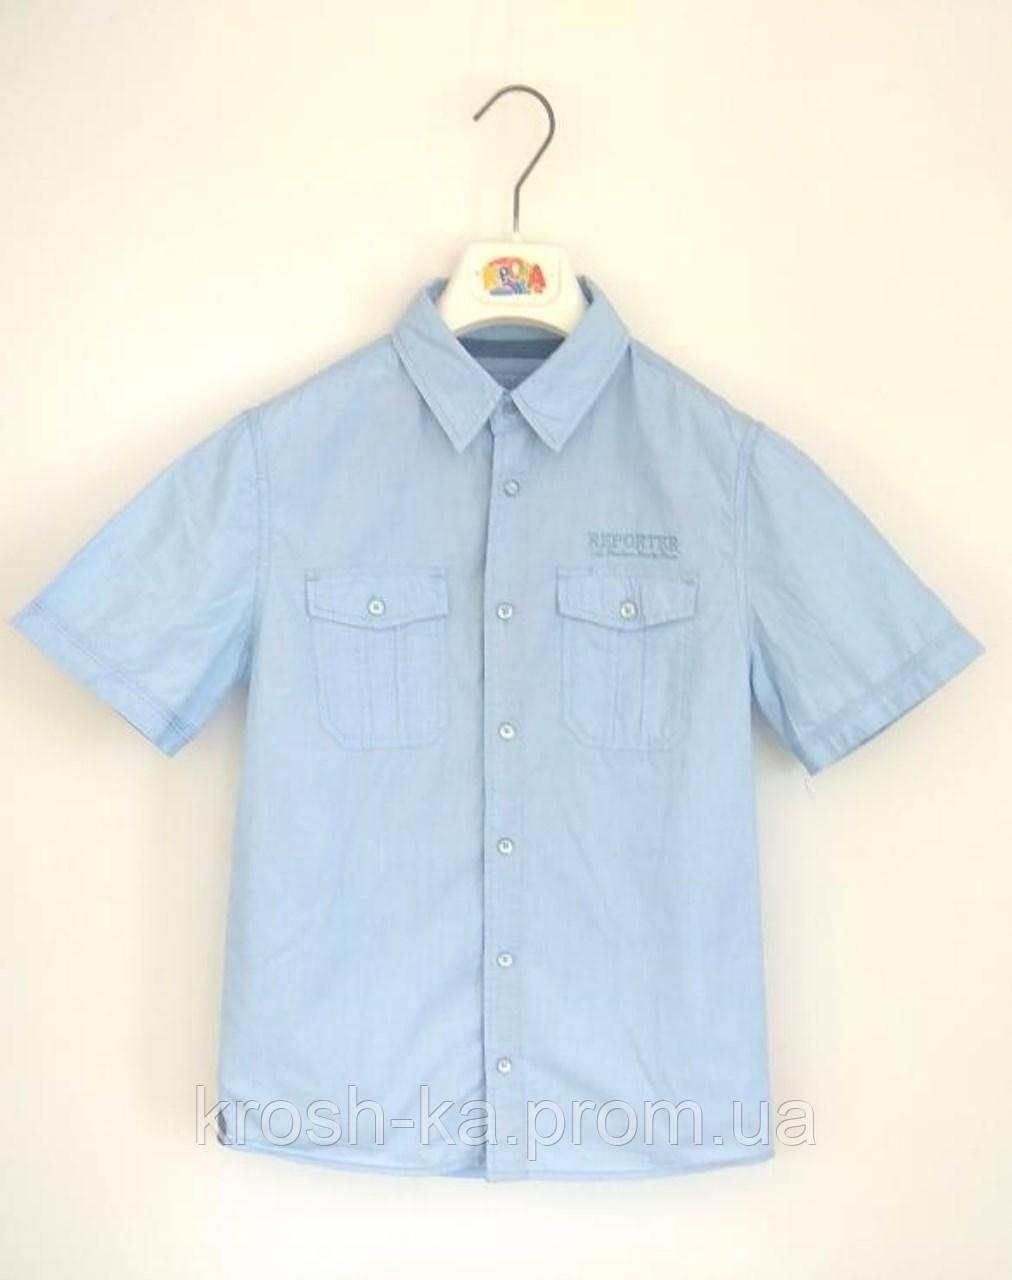 Рубашка для мальчика Reporter Польша голубой 19-431-1